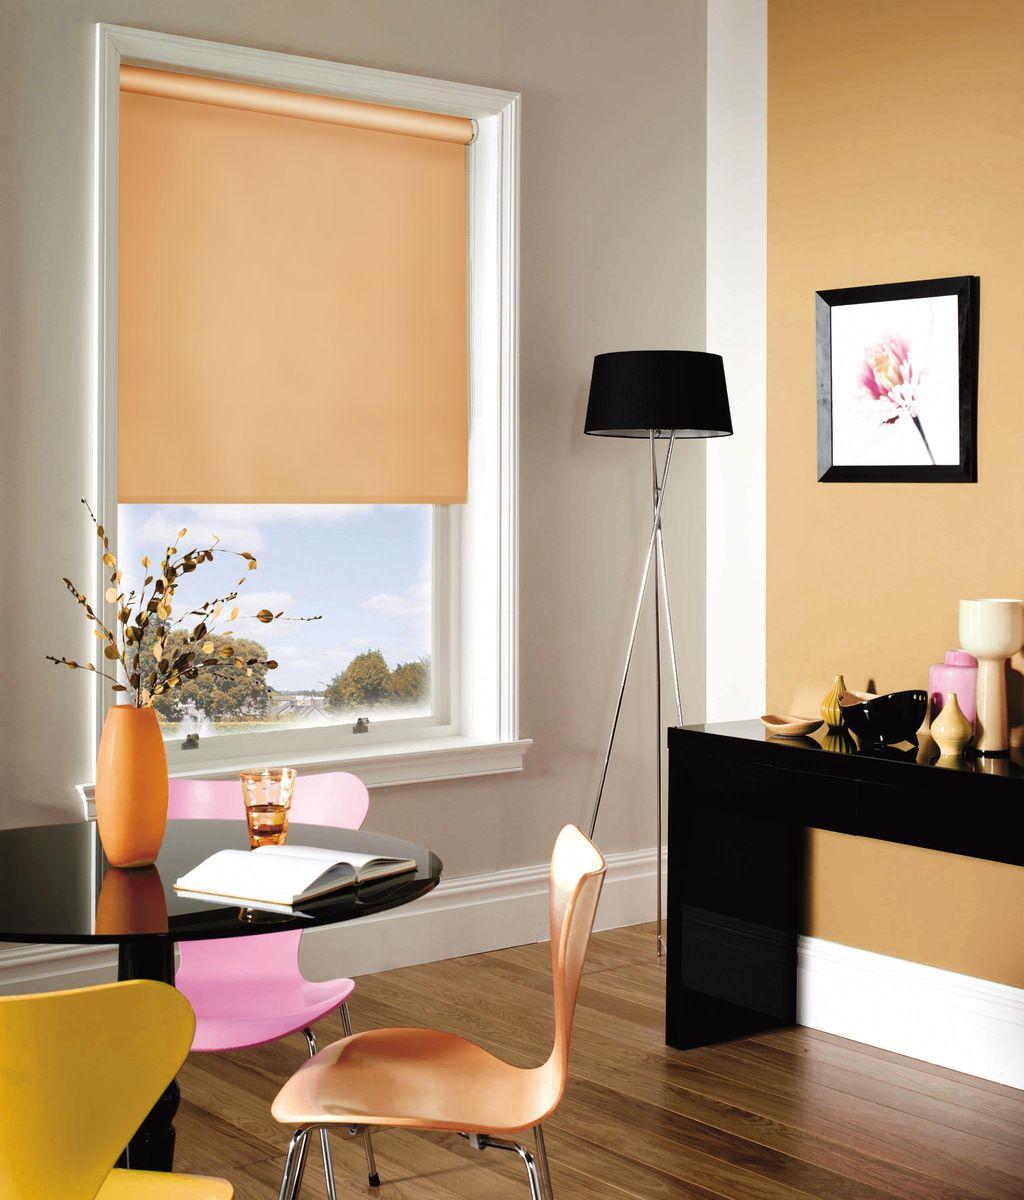 Штора рулонная Эскар, цвет: абрикосовый, ширина 120 см, высота 170 см81012120170Рулонными шторами можно оформлять окна как самостоятельно, так и использовать в комбинации с портьерами. Это поможет предотвратить выгорание дорогой ткани на солнце и соединит функционал рулонных с красотой навесных. Преимущества применения рулонных штор для пластиковых окон: - имеют прекрасный внешний вид: многообразие и фактурность материала изделия отлично смотрятся в любом интерьере; - многофункциональны: есть возможность подобрать шторы способные эффективно защитить комнату от солнца, при этом о на не будет слишком темной. - Есть возможность осуществить быстрый монтаж. ВНИМАНИЕ! Размеры ширины изделия указаны по ширине ткани! Во время эксплуатации не рекомендуется полностью разматывать рулон, чтобы не оторвать ткань от намоточного вала. В случае загрязнения поверхности ткани, чистку шторы проводят одним из способов, в зависимости от типа загрязнения: легкое поверхностное загрязнение можно удалить при помощи...